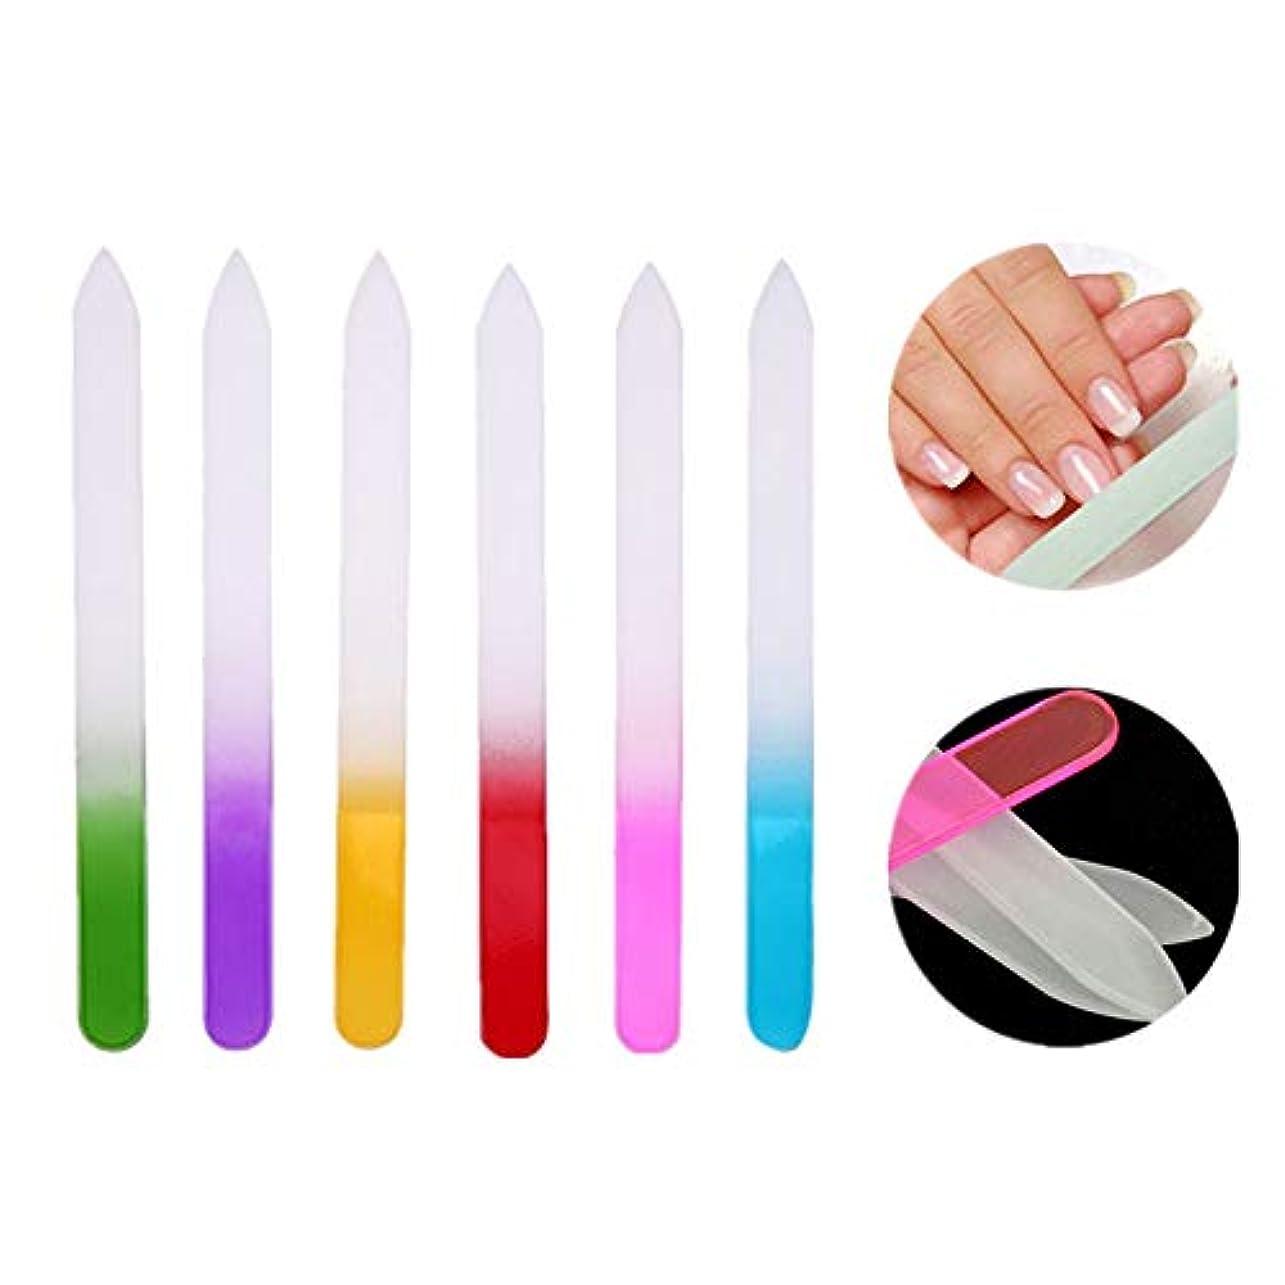 層フォロー店員Kingsie ガラス製 爪やすり 6個セット 14cm 両面タイプ 爪やすり 水洗い可 携帯用 ネイルケア